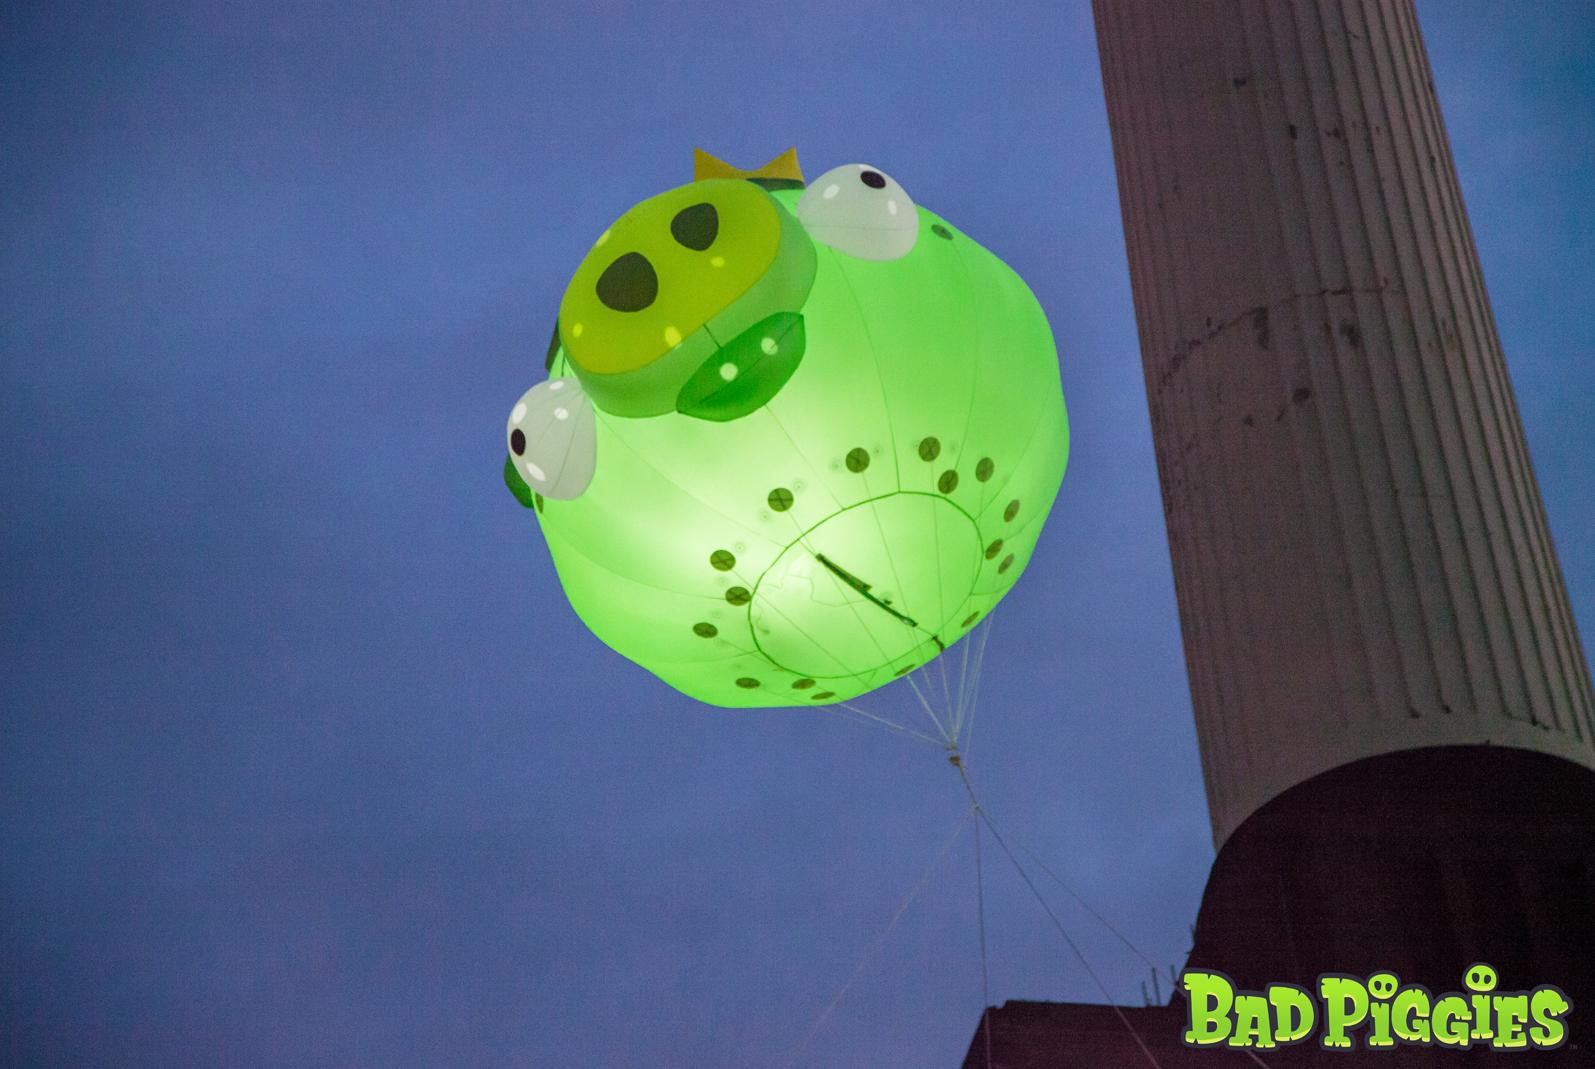 Rovioの新作「Bad Piggies」やはりヒット!リリースから3時間で米App Storeで首位